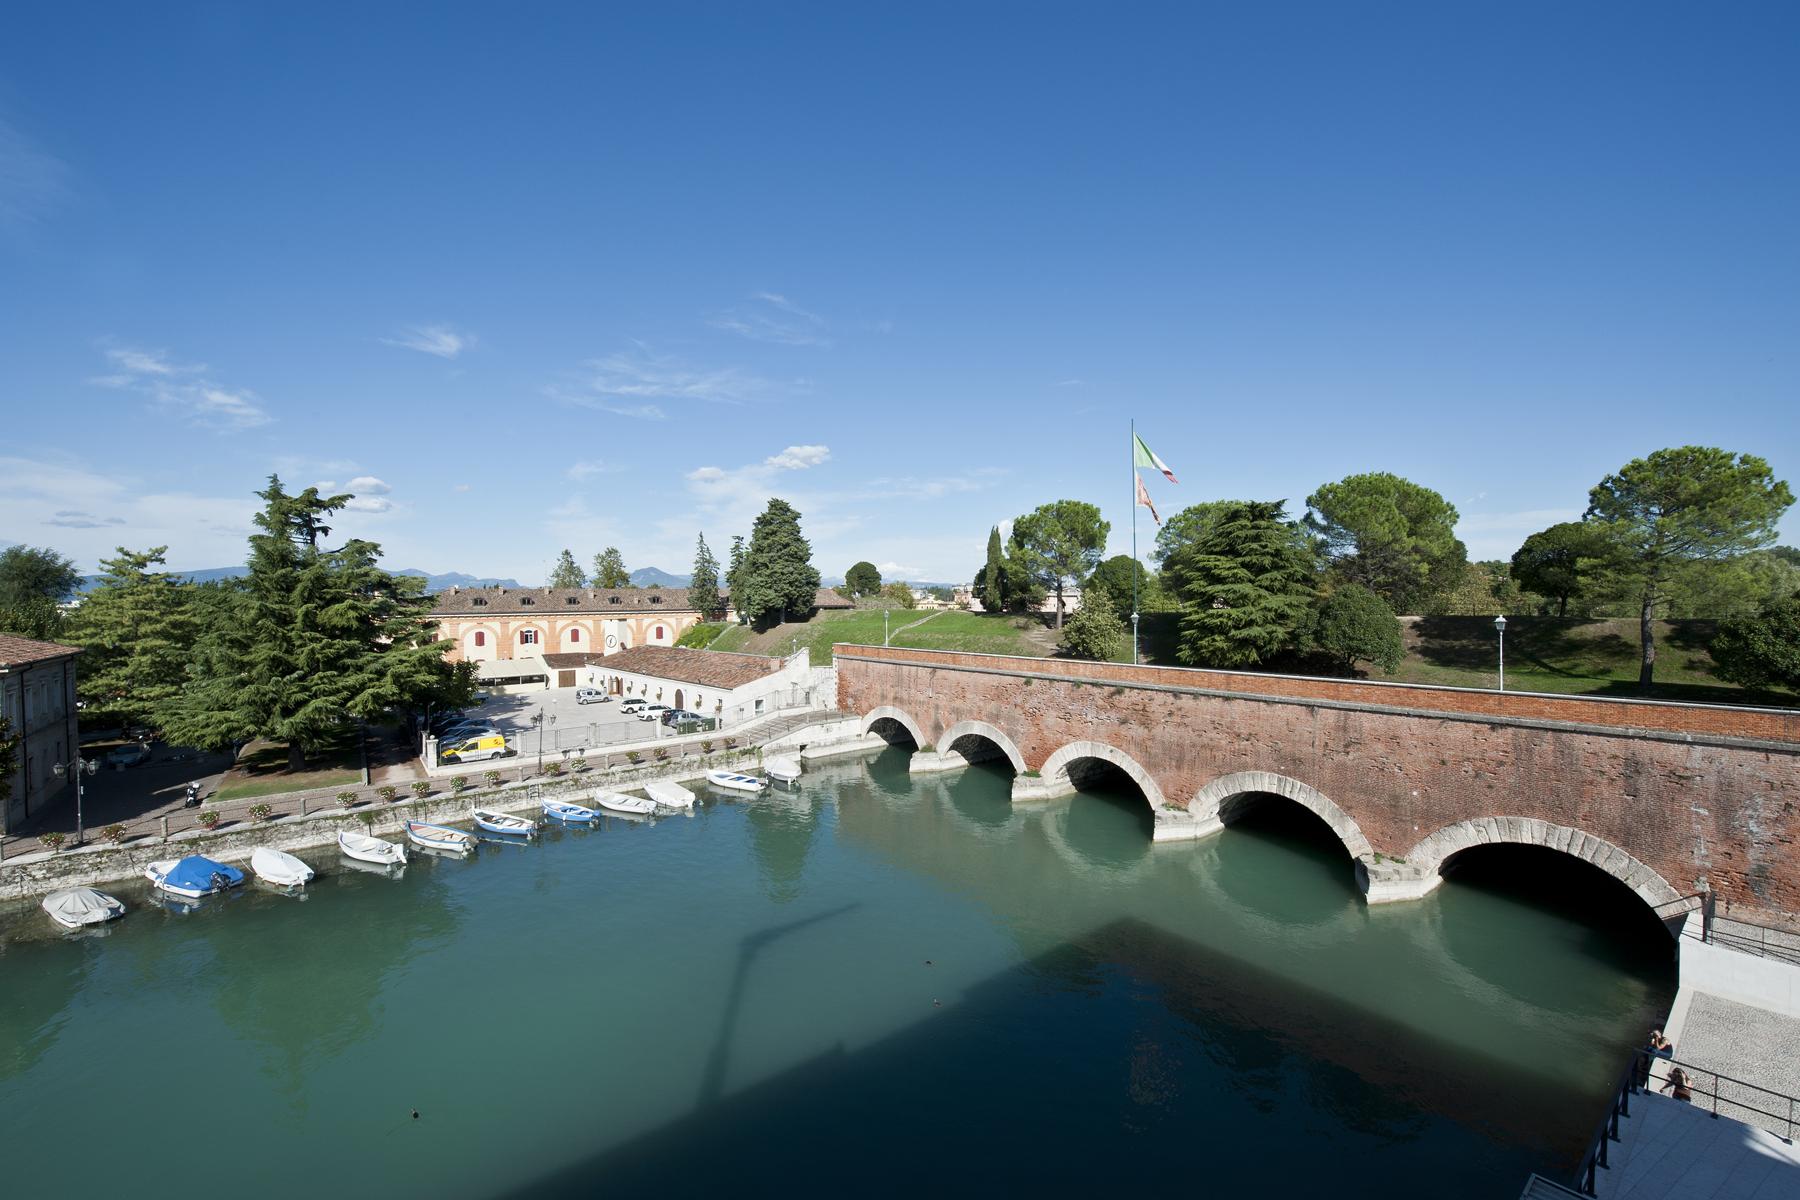 Attico in Vendita a Peschiera Del Garda: 5 locali, 165 mq - Foto 8